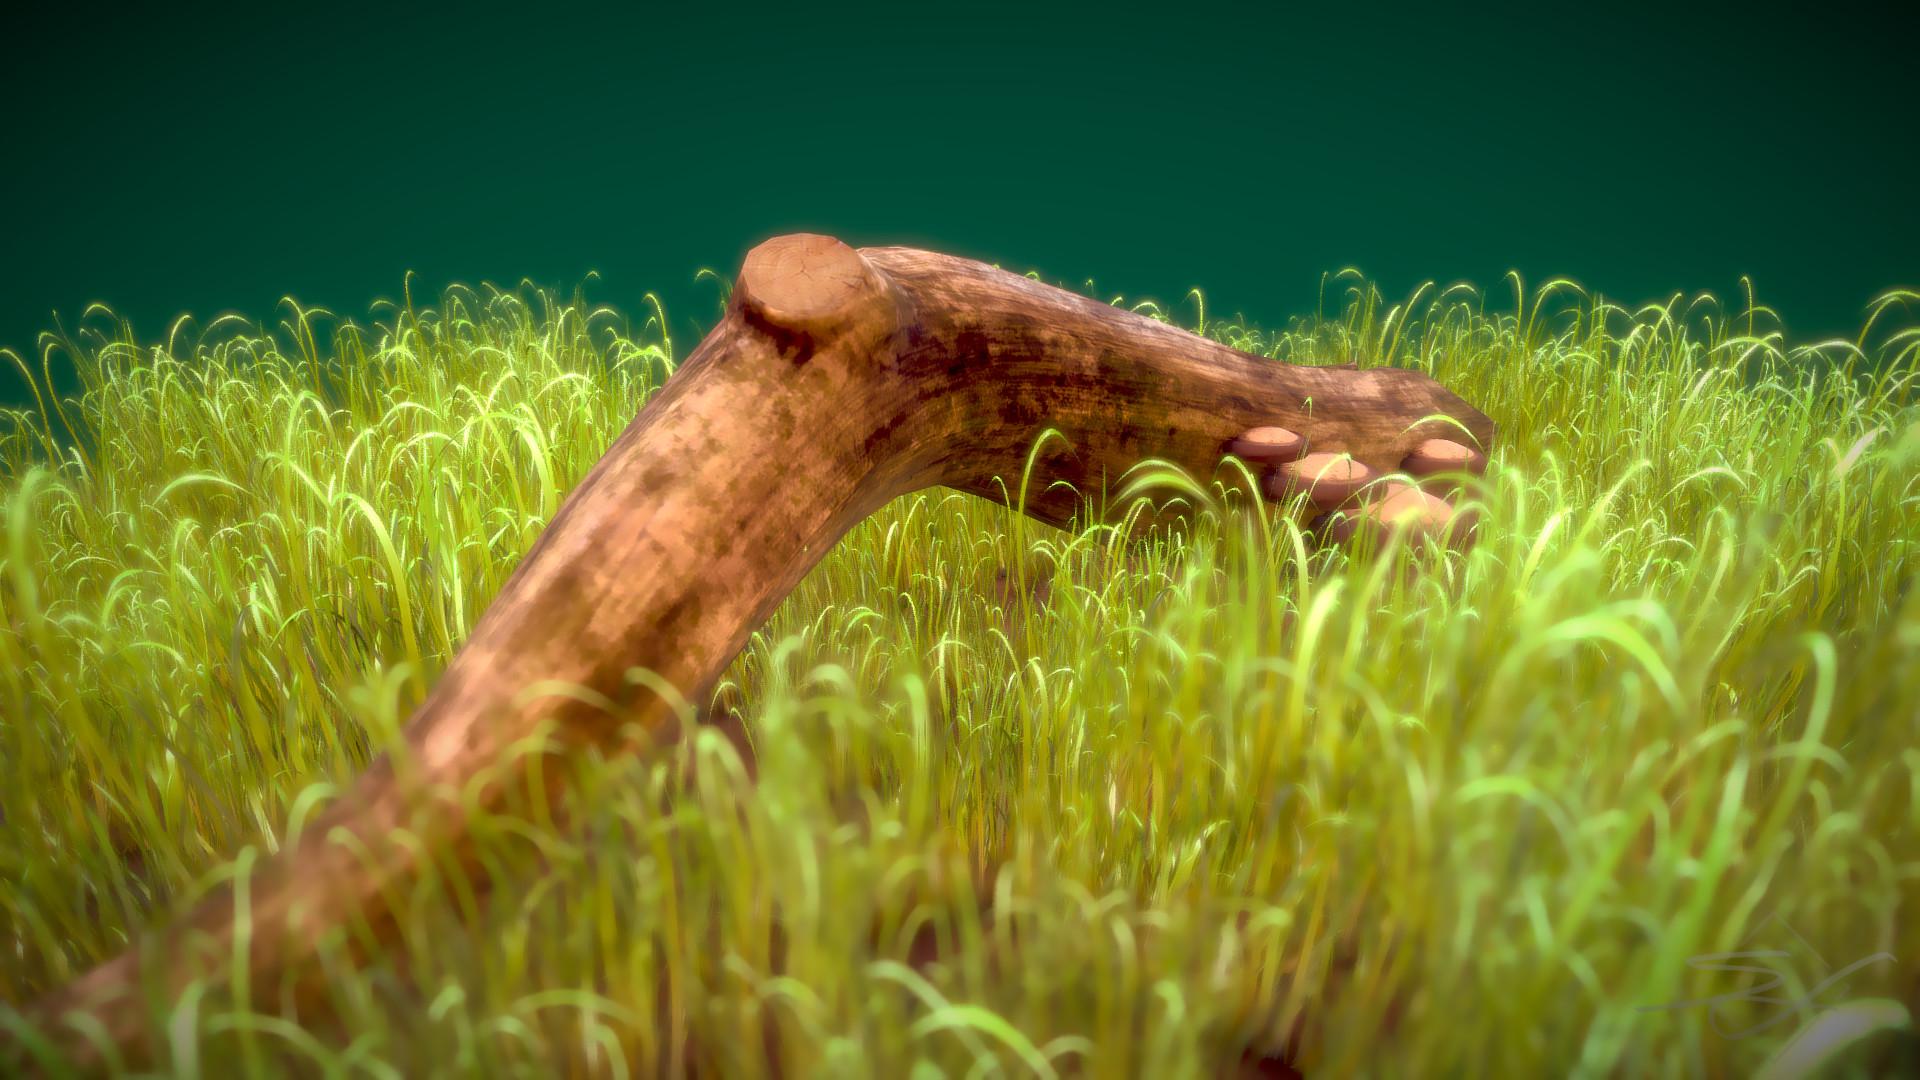 Sebastian irmer compsognathus render 04